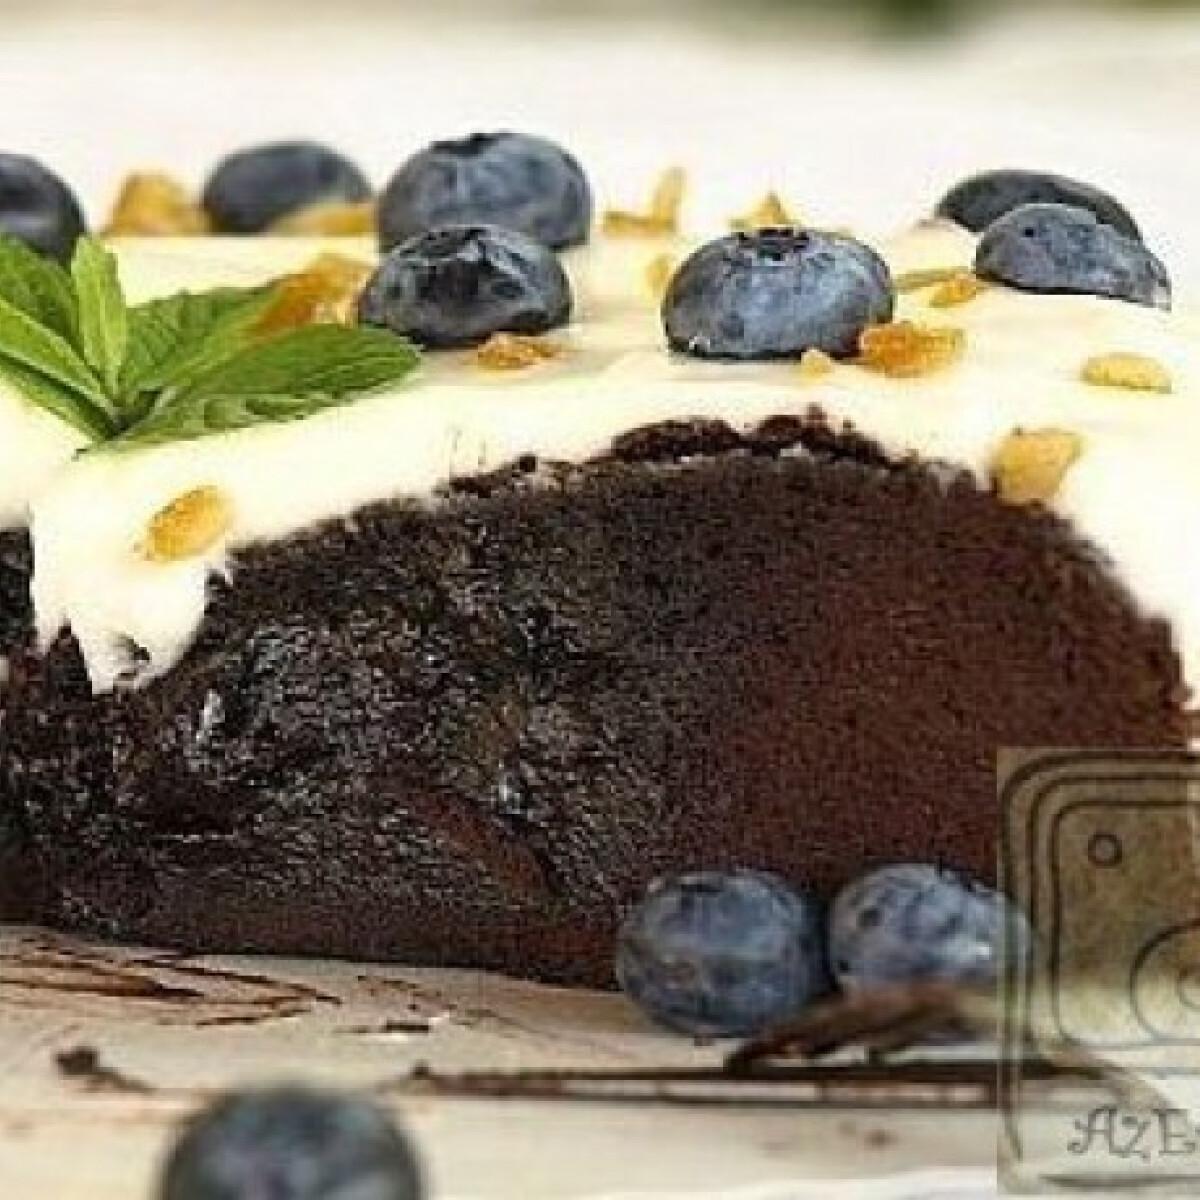 Olvadós belsejű csokitorta